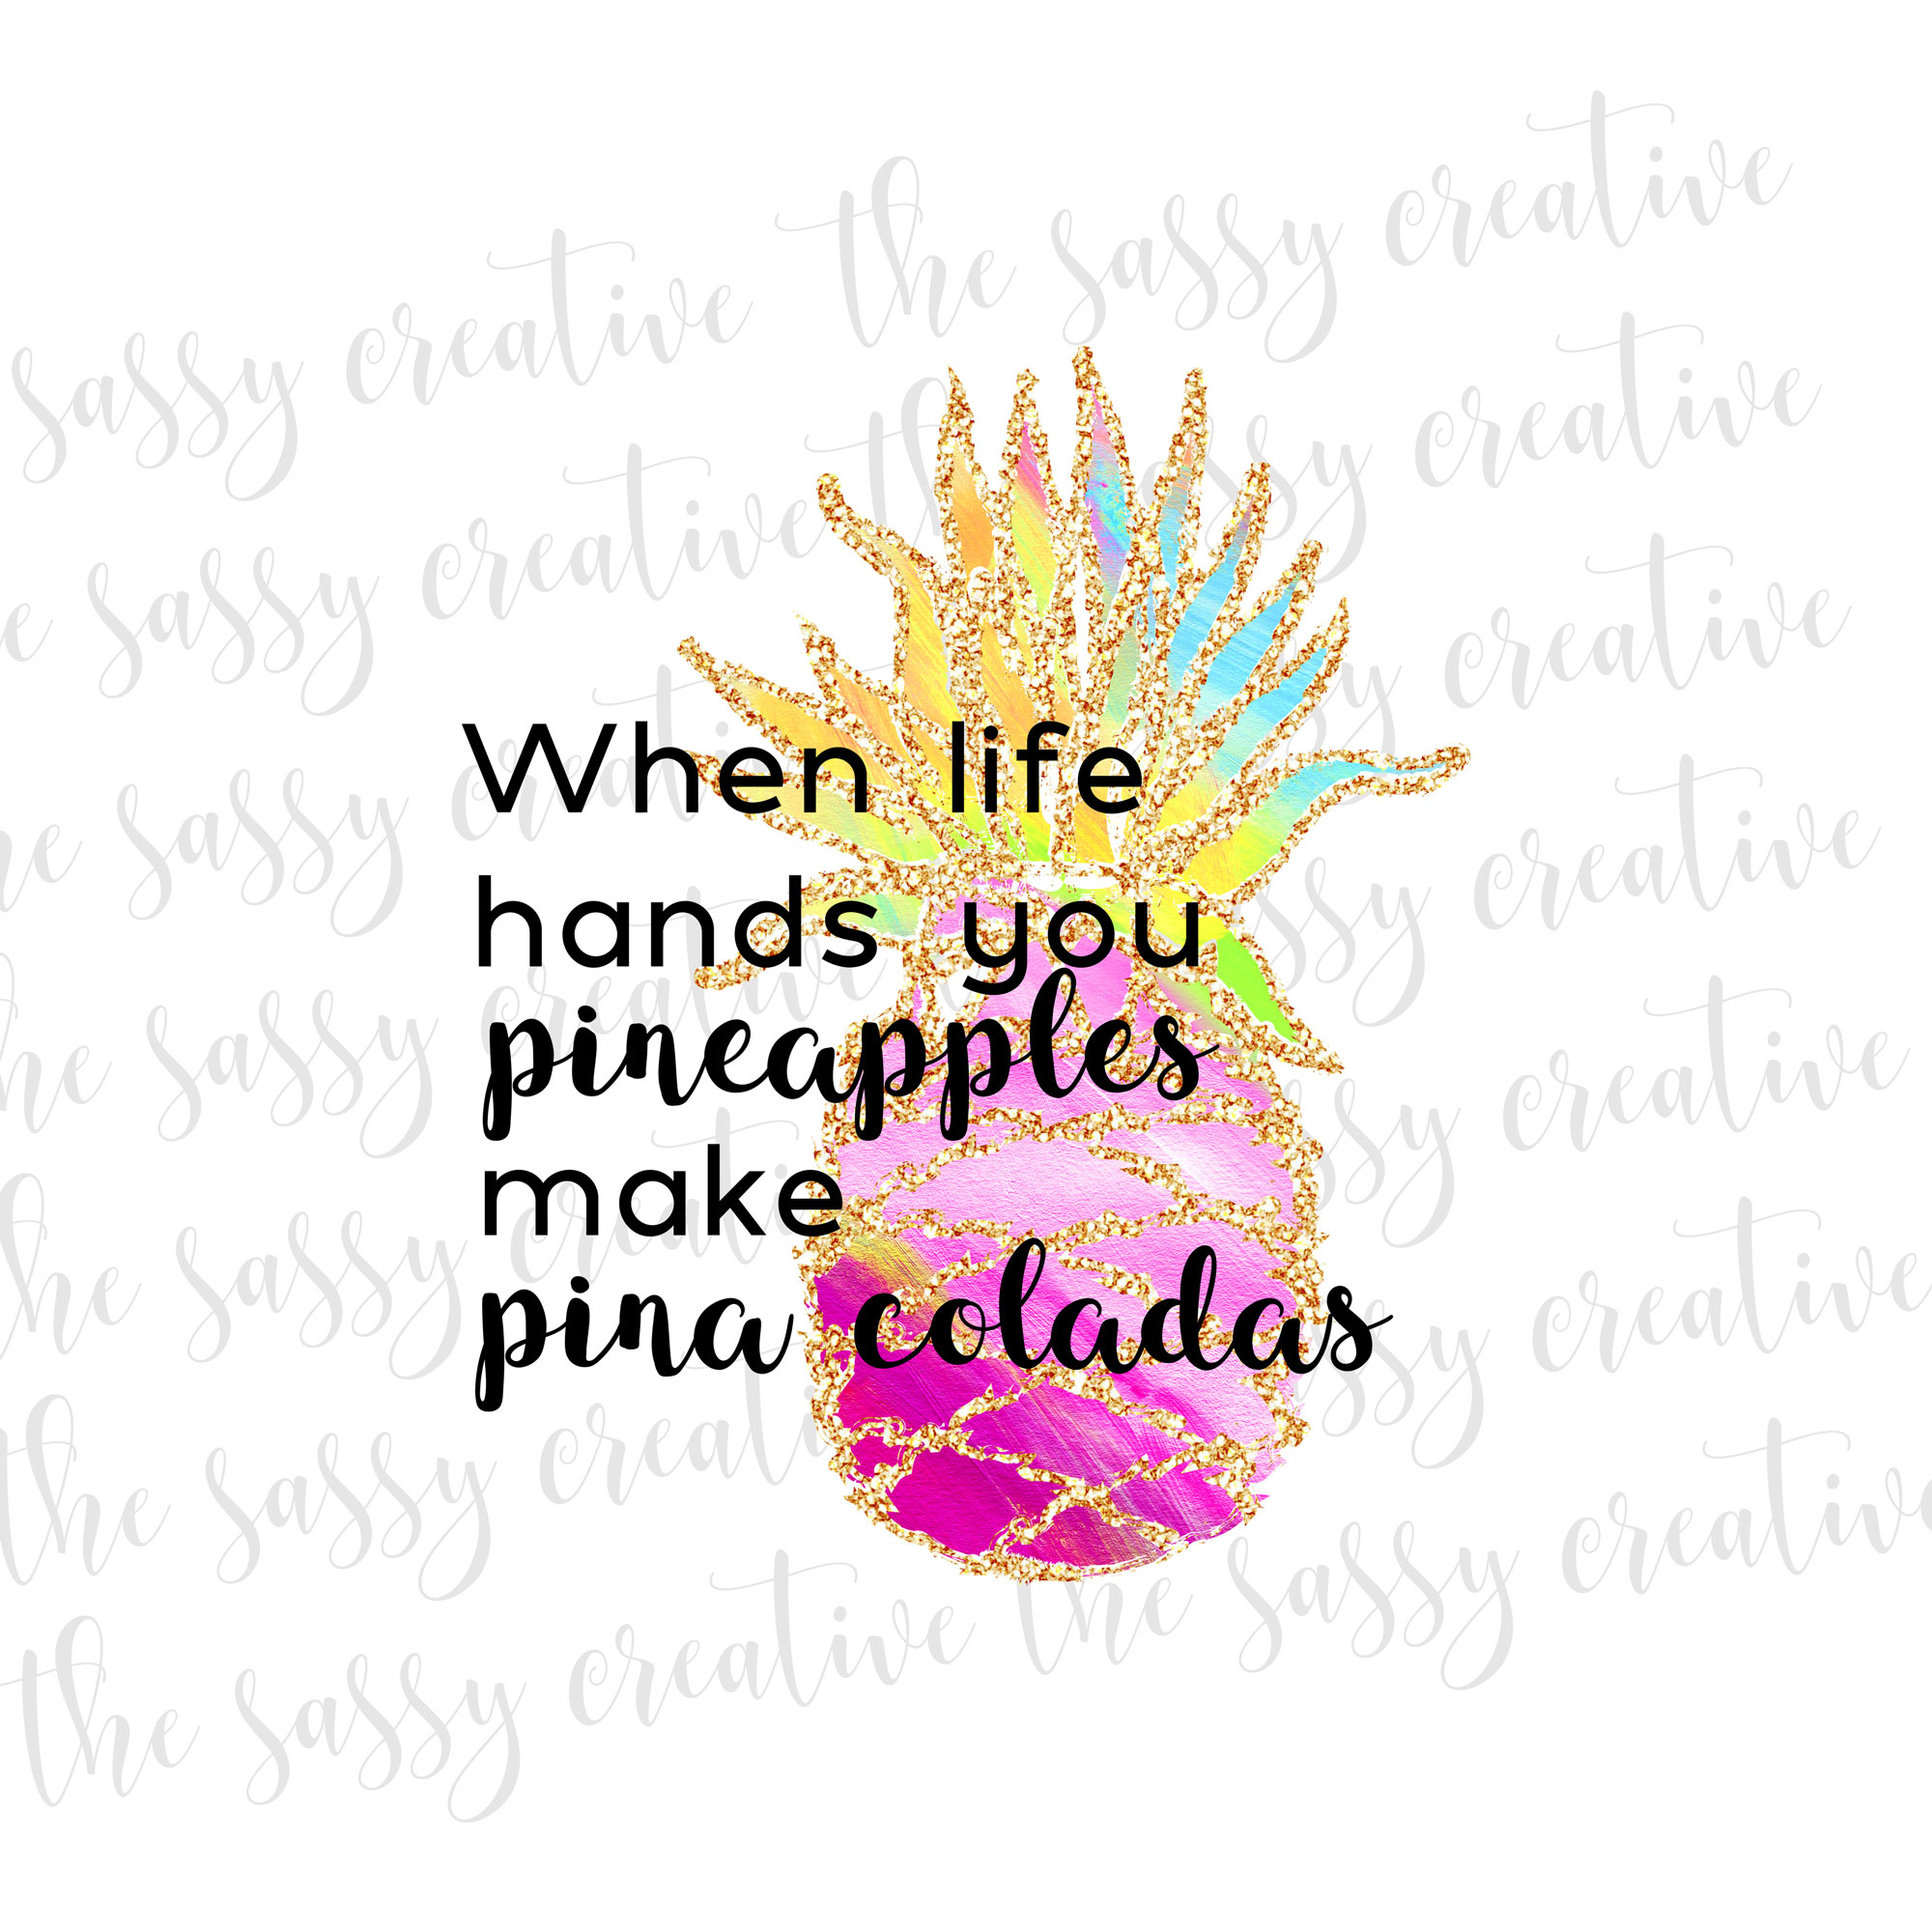 lifehandsyoupineapplescover